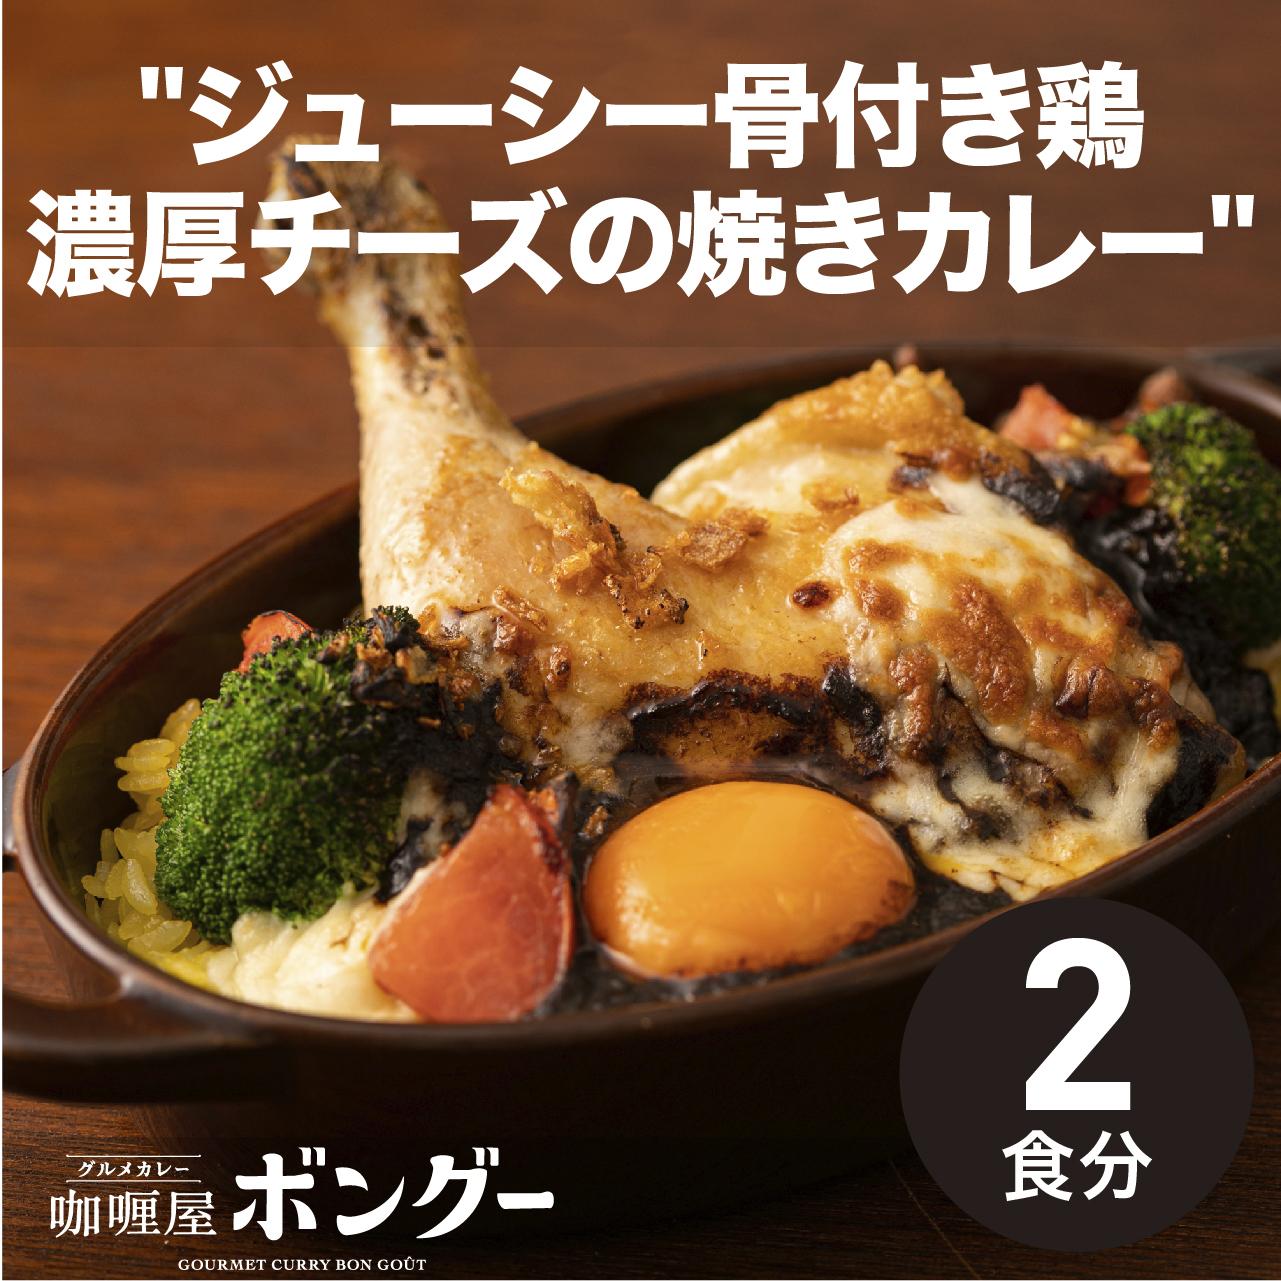 【通販限定・カリー屋ボングー】 ジューシー骨付き鶏もも肉煮込みの絶品焼きカレーキット 2食分(カリー屋ボングー)